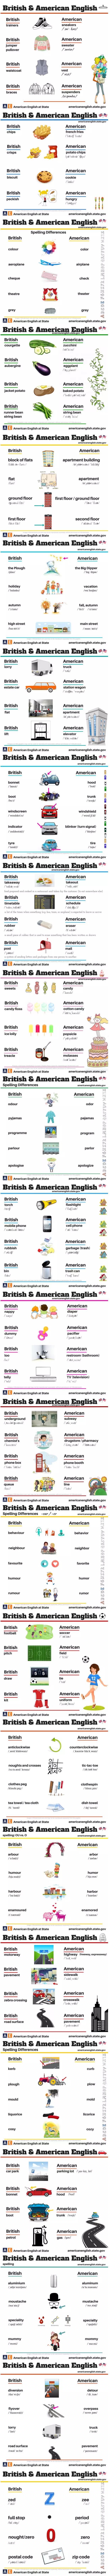 图解:美式英语和英式英语单词的不同